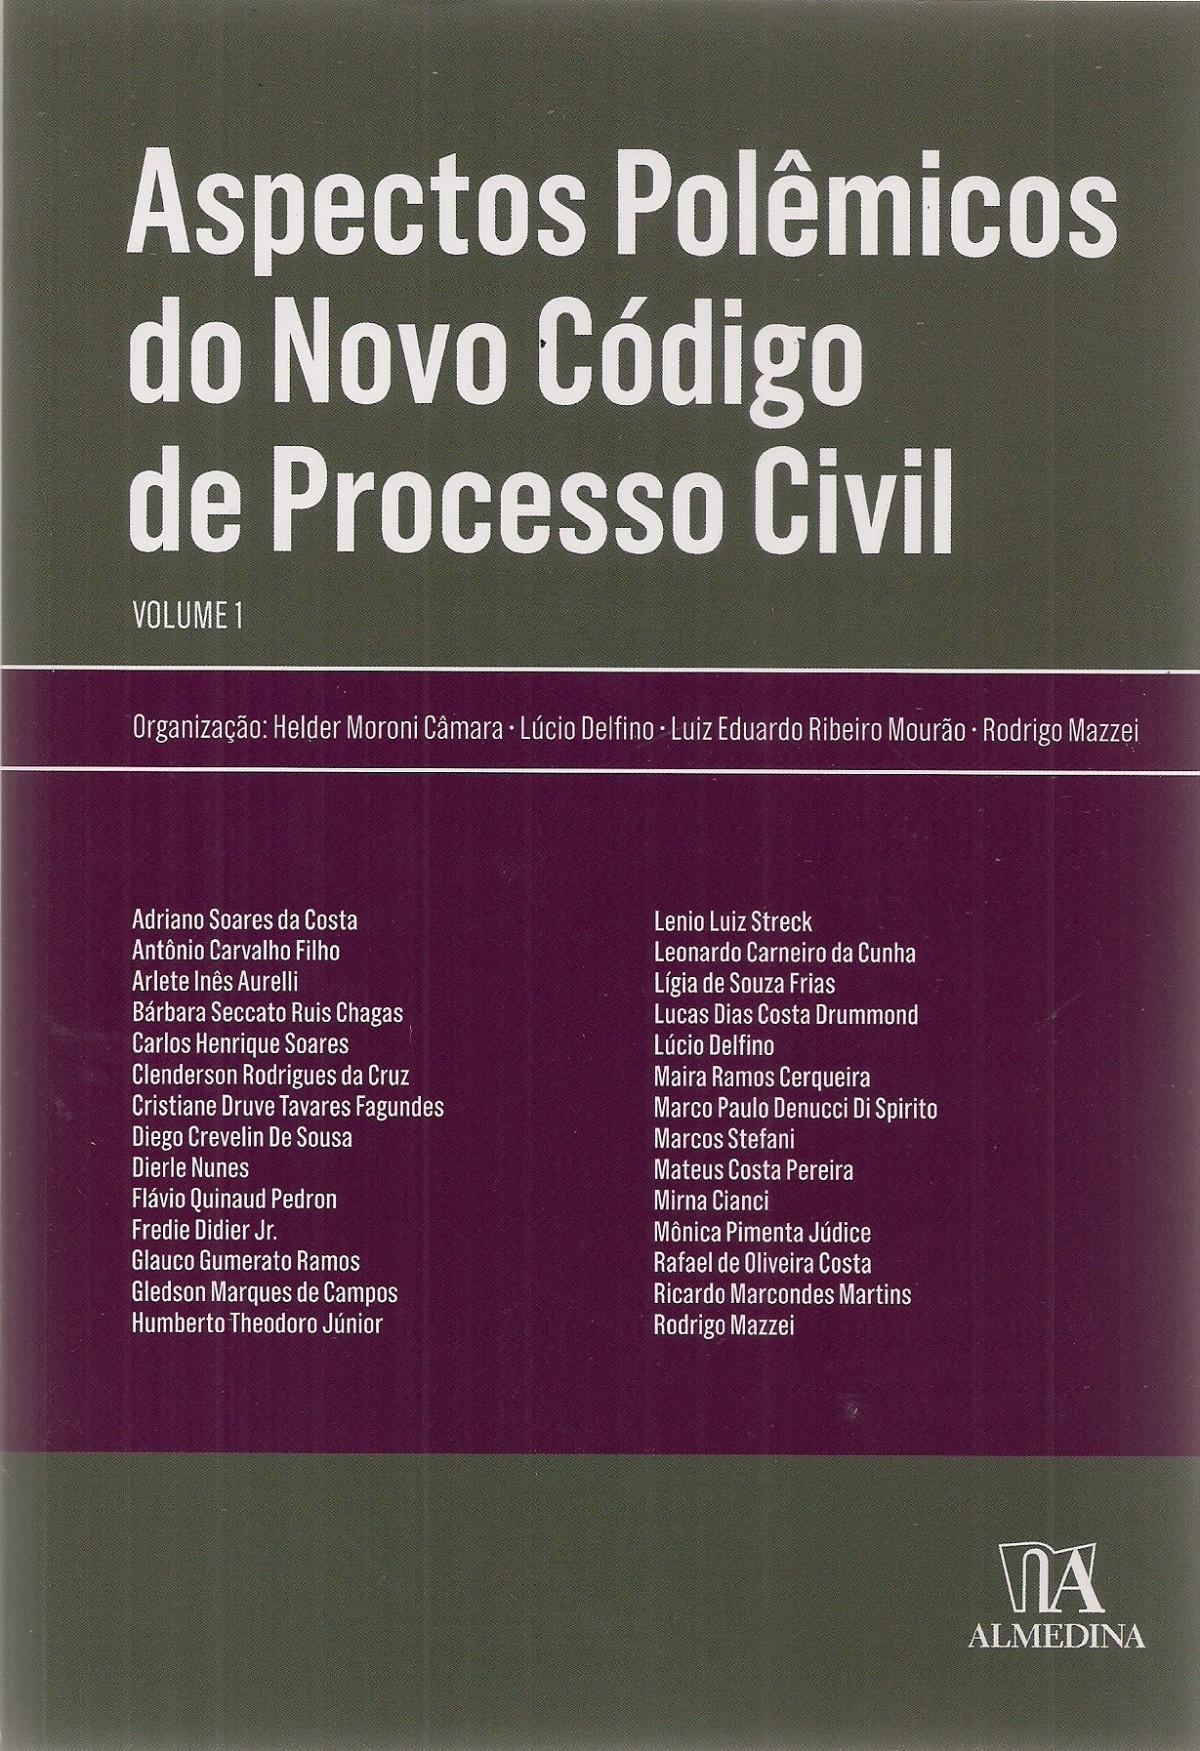 Foto 1 - Aspectos Polêmicos do Novo Código de Processo Civil - Vol. 1